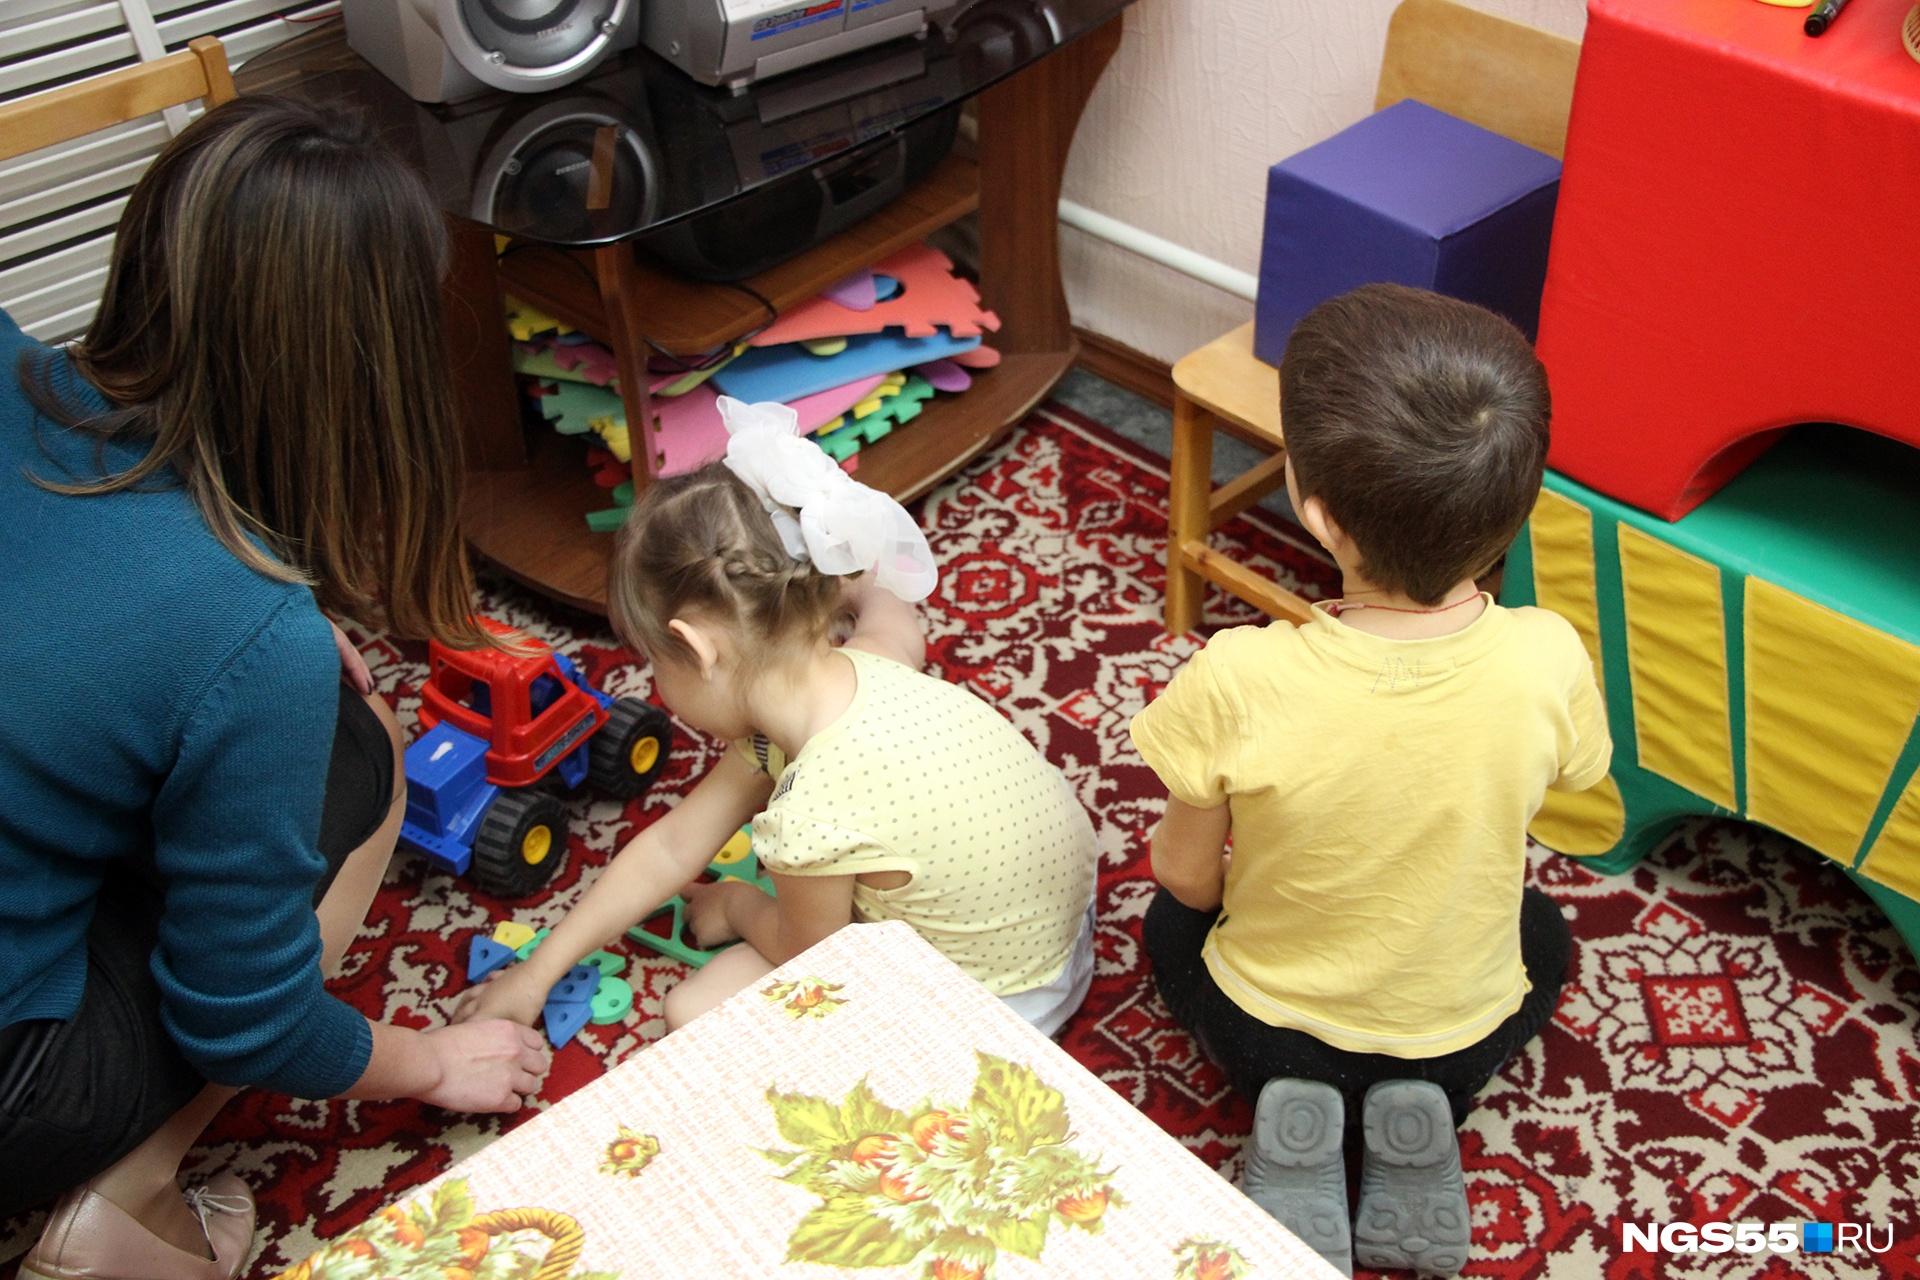 Днём, когда большинства родителей нет, гостиница больше напоминает детский сад